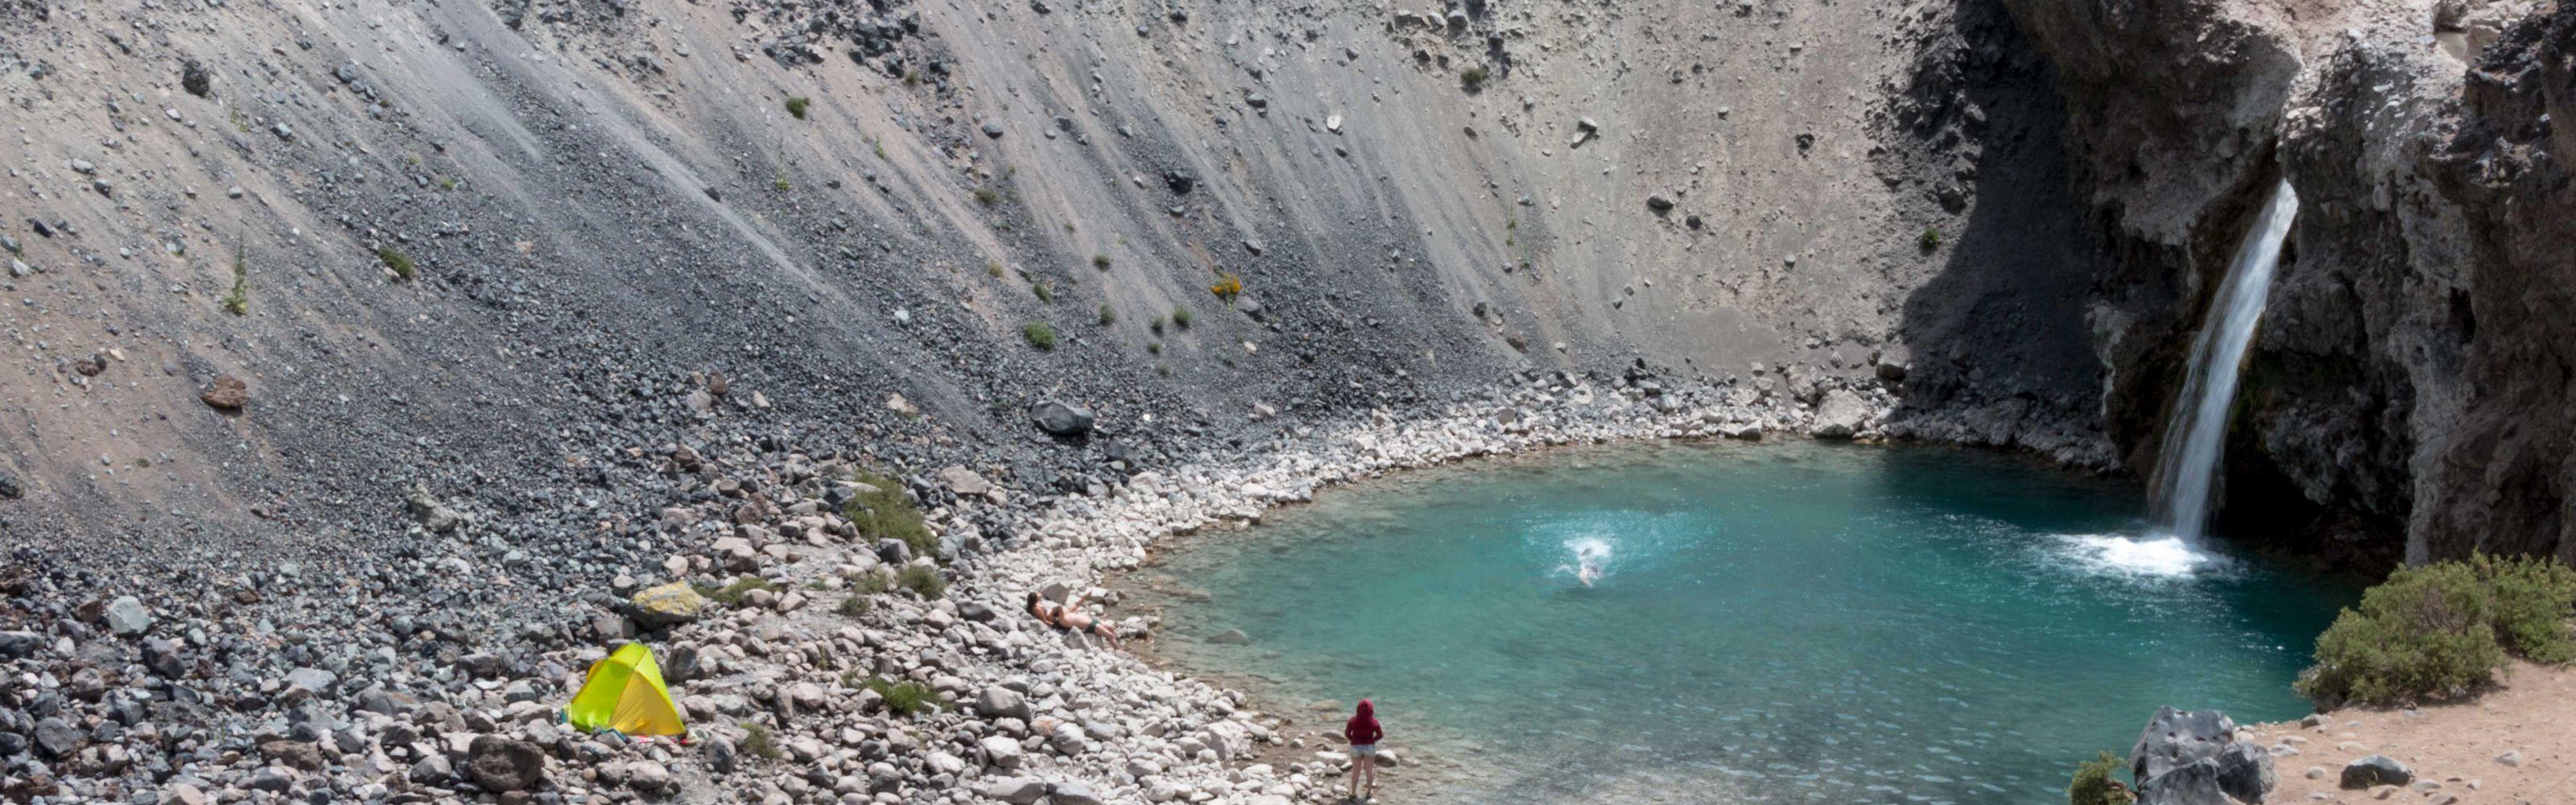 Fuentes de agua en la cuenca del Maipo